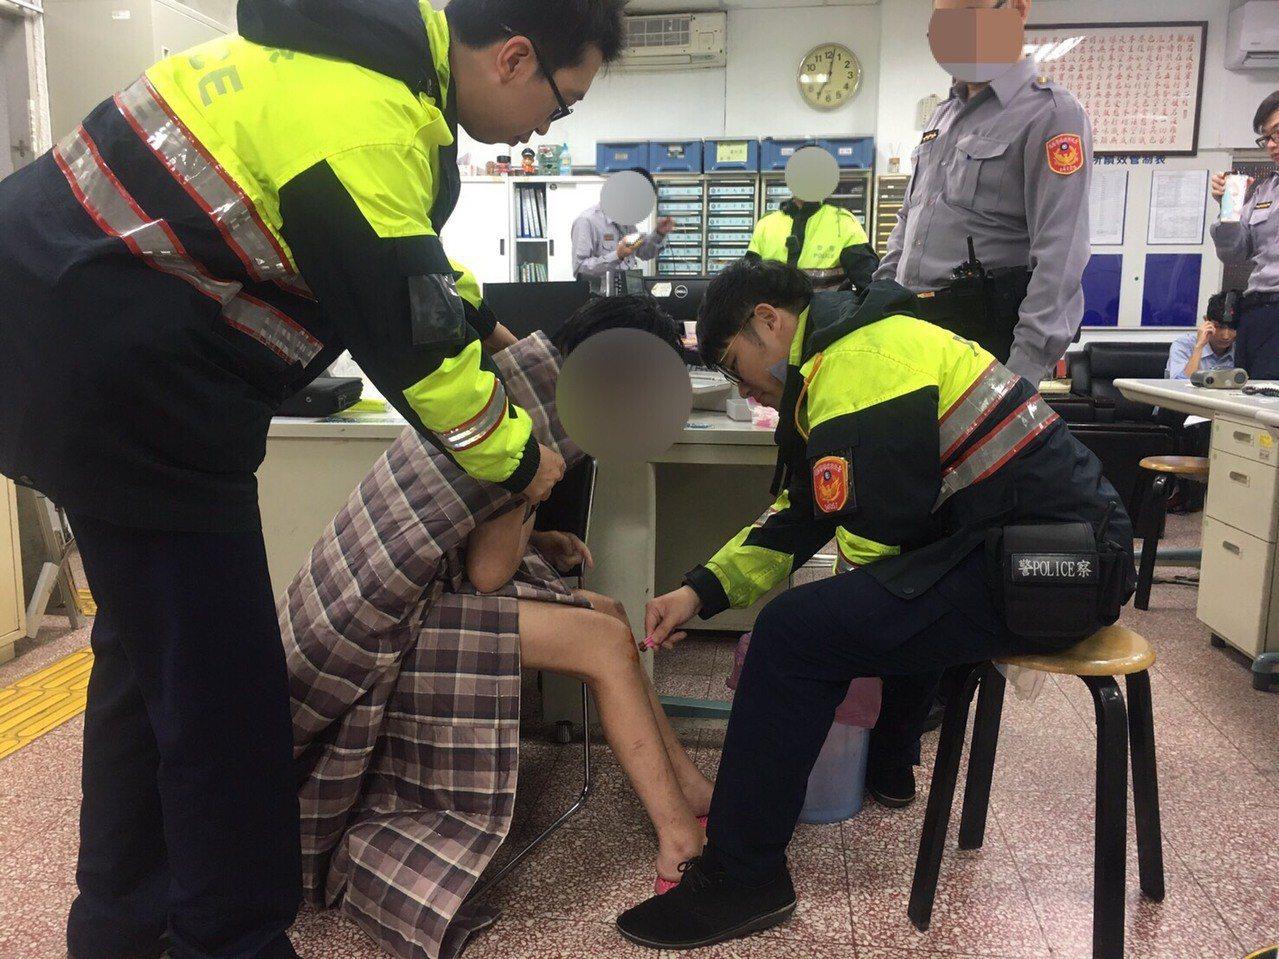 警方將吳女帶回派出所時,她手腳受傷、全身發抖,不斷支吾其詞、無法明確表達言語。警...